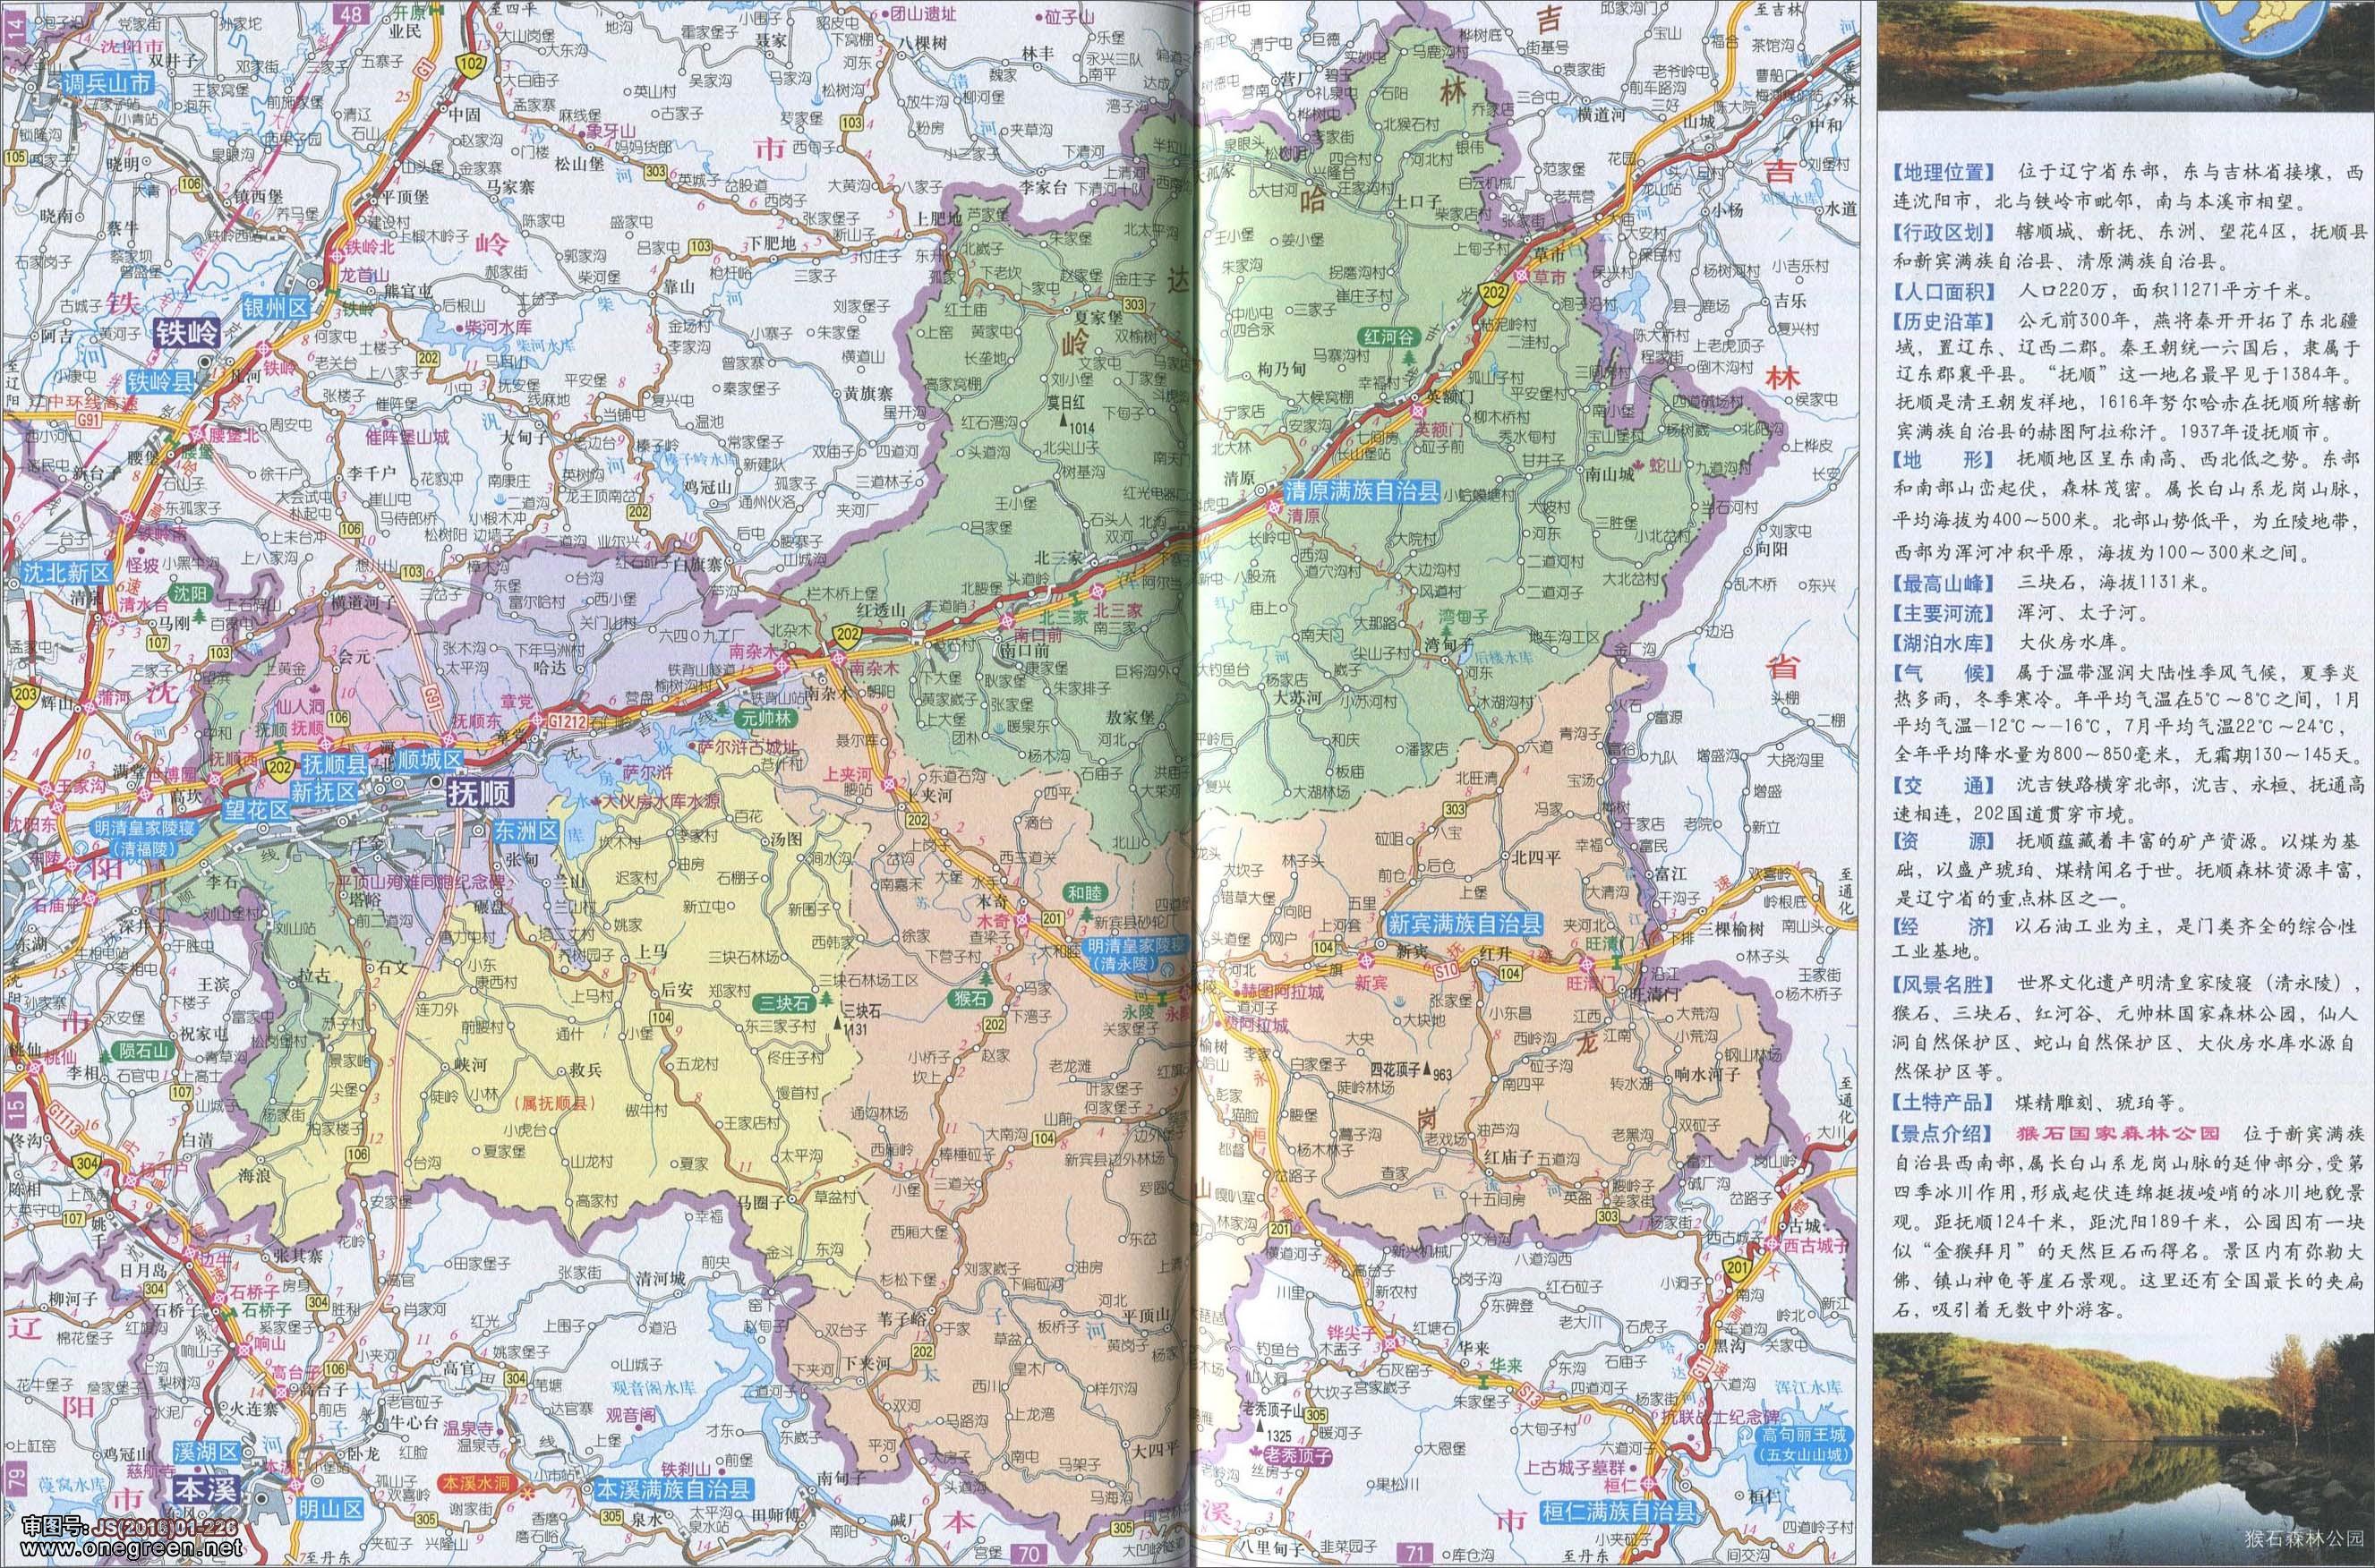 抚顺市地图高清版